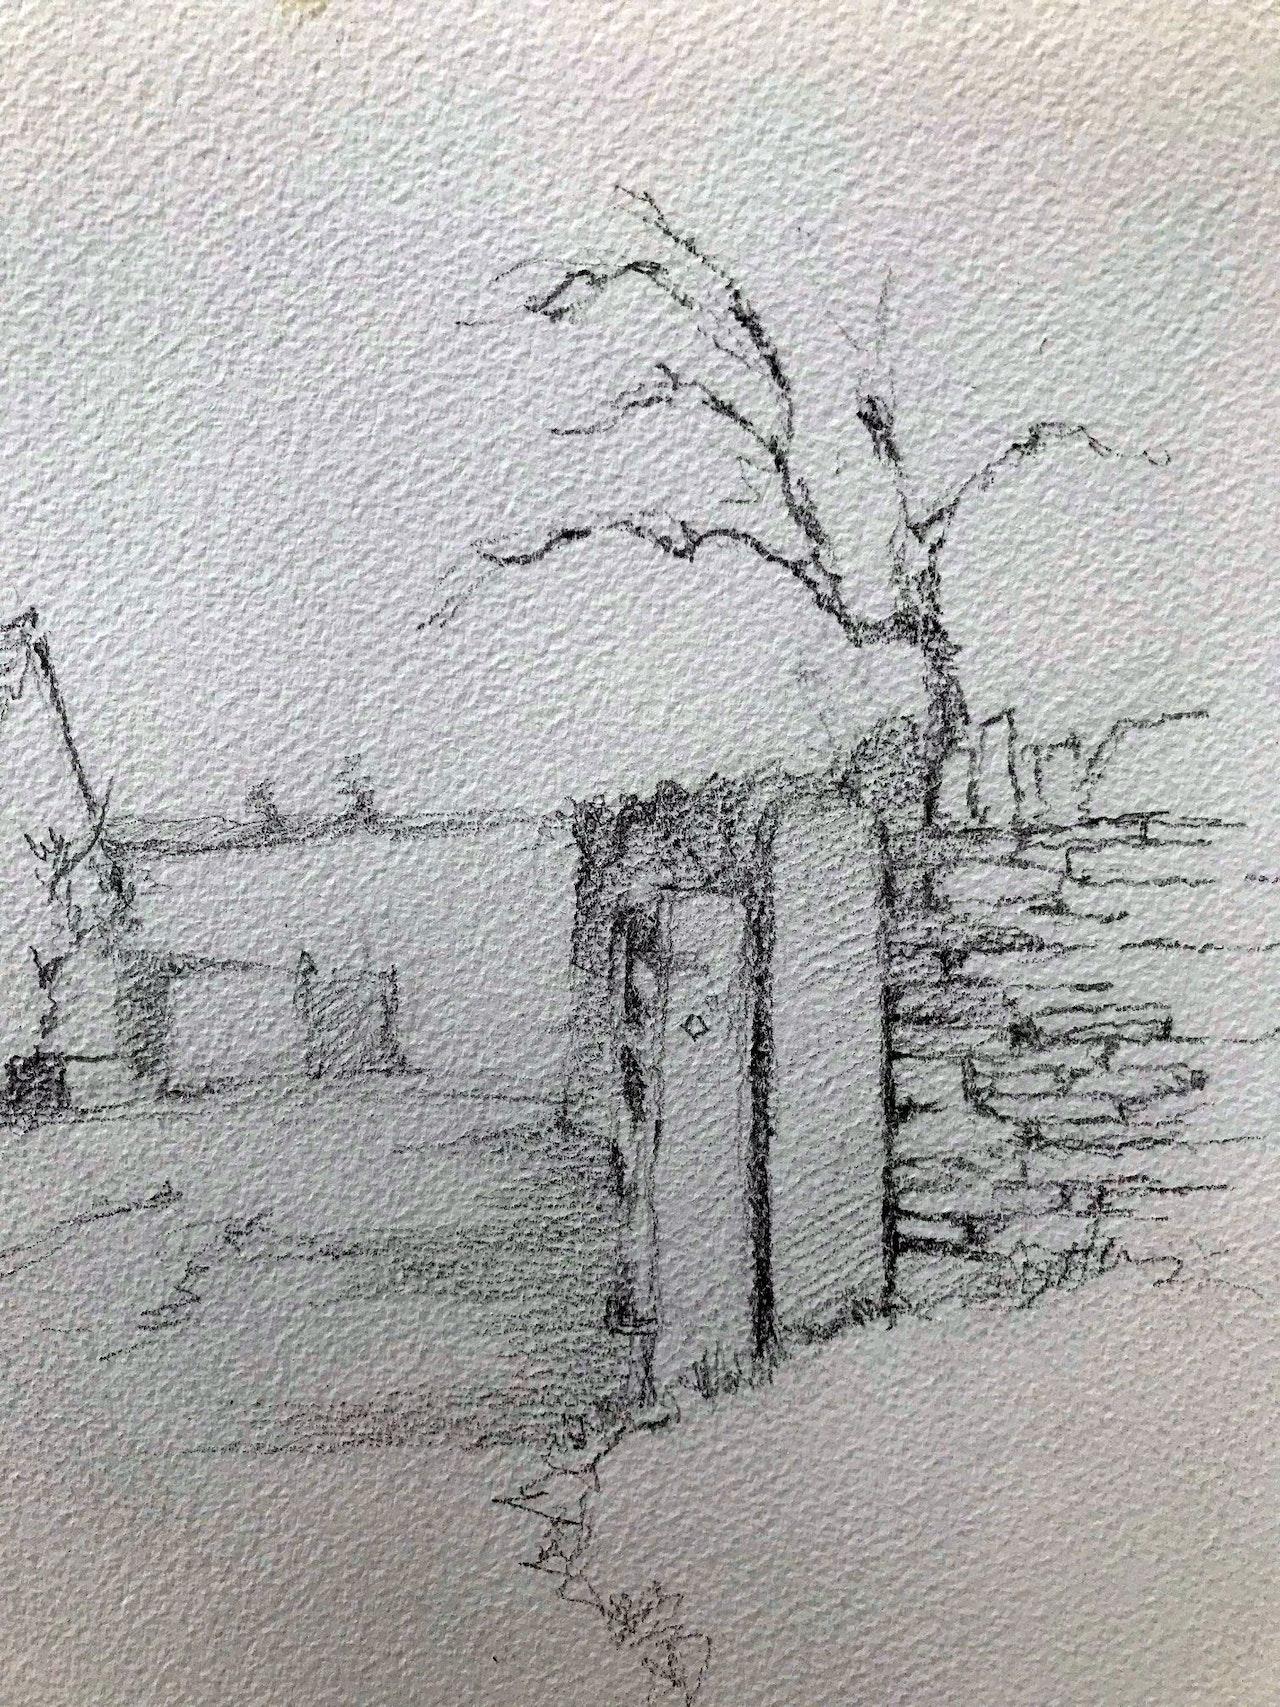 Lesson 4 gateway drawing detail